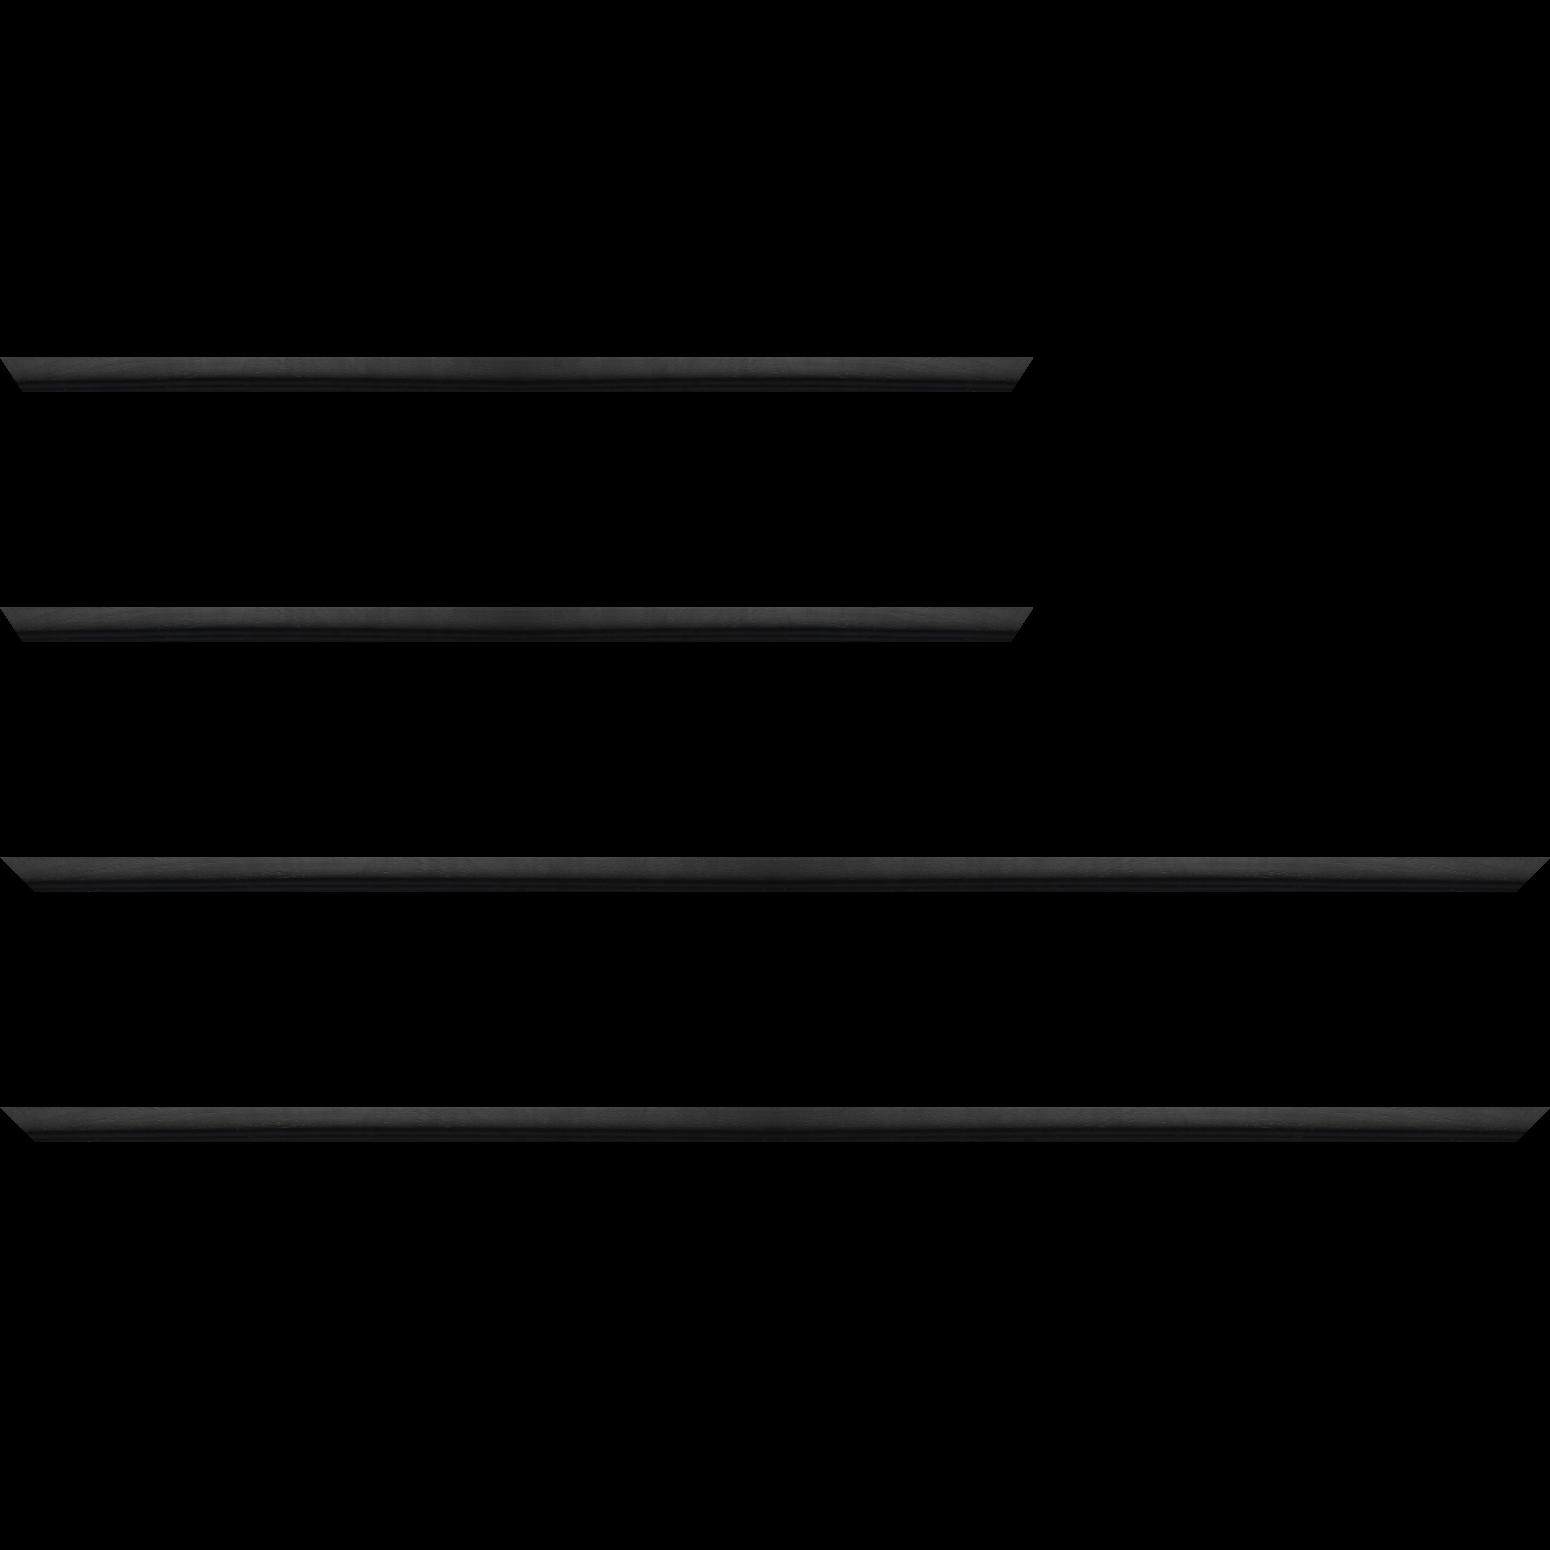 Baguette service précoupé bois profil bombé largeur 2.4cm couleur noir satiné